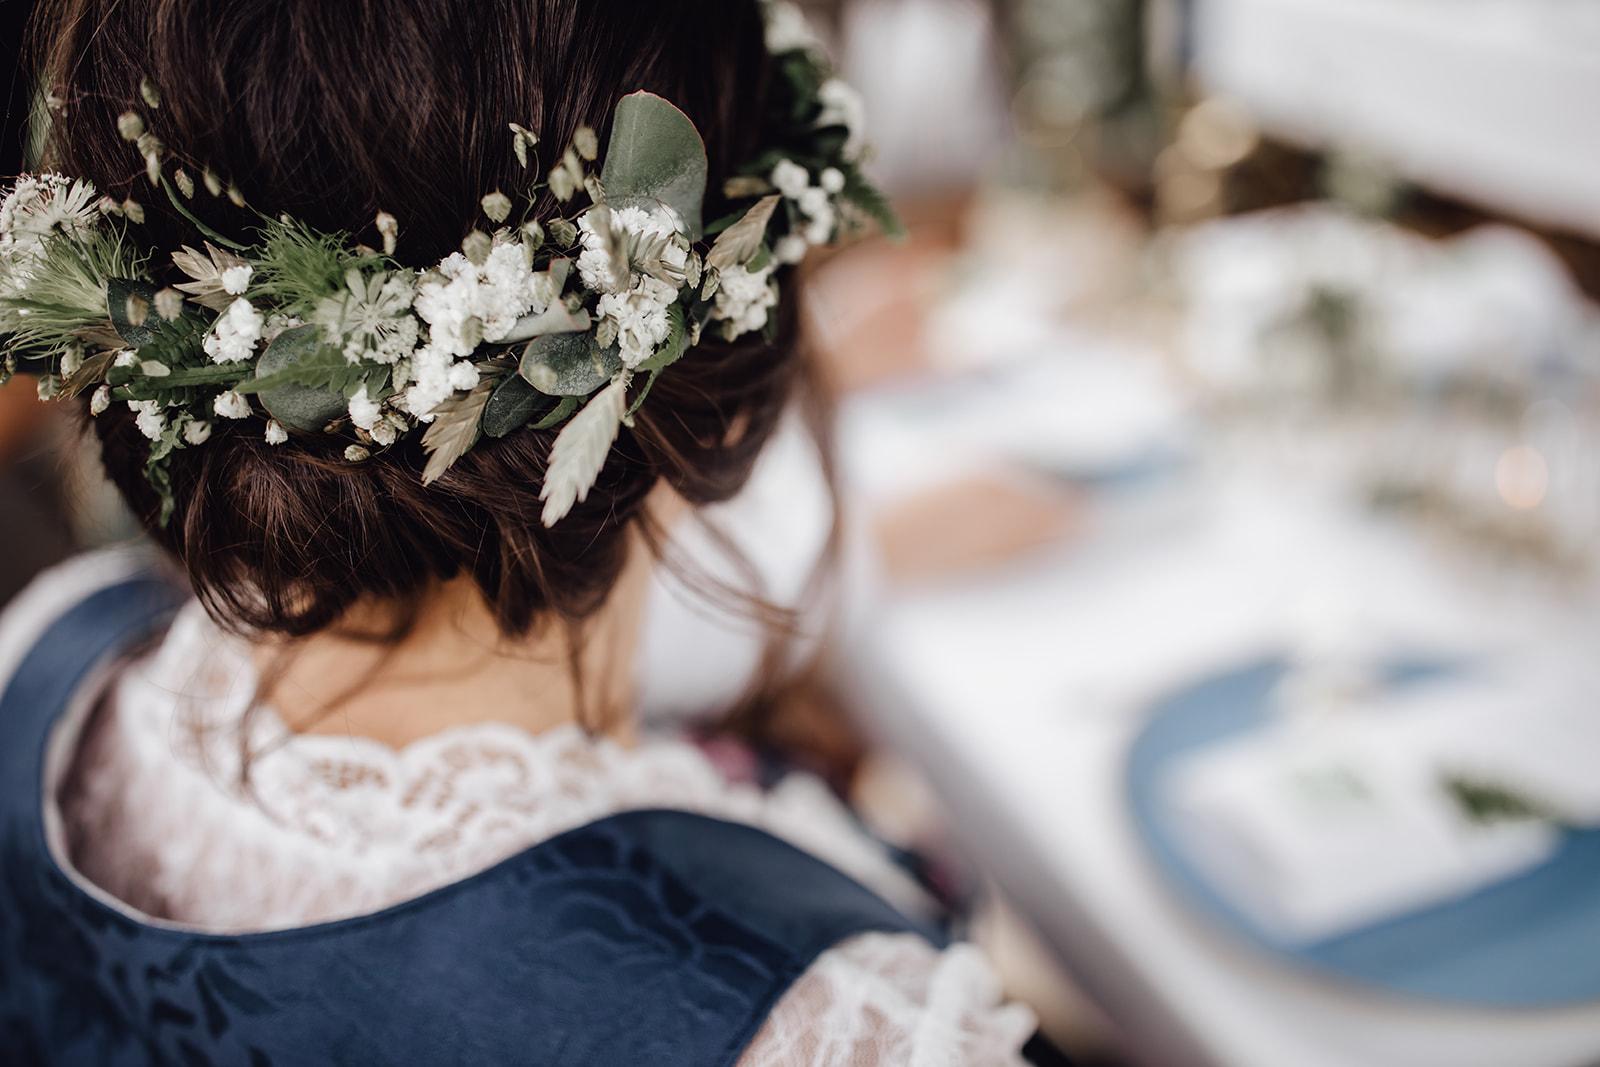 HeimArt Design Papeterie Chiemsee Hochzeit Greenery Wedding Brautpaar Tracht Blumenkranz Haarkranz